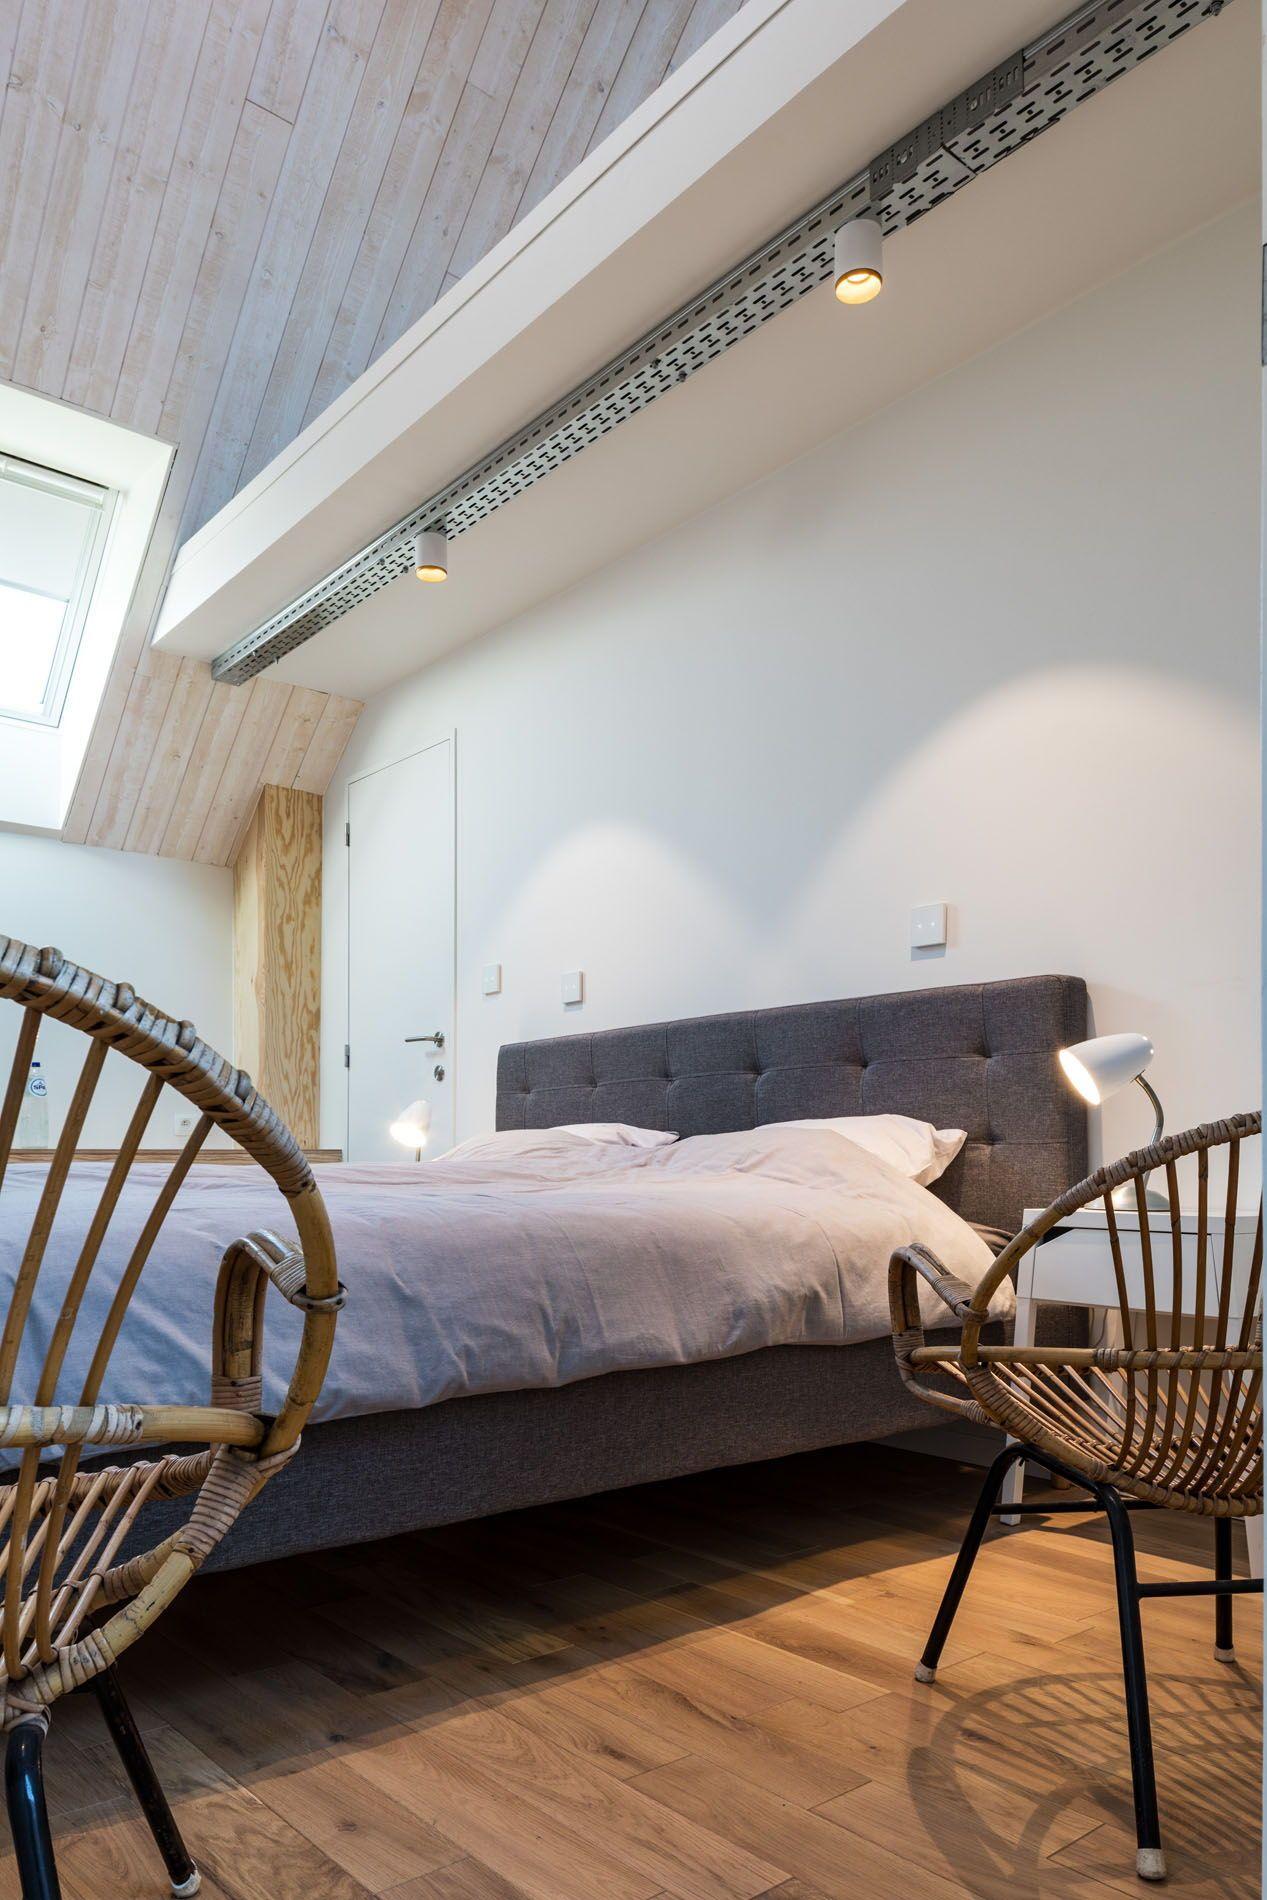 Bedroom Lighting Ideas Smart Kup Comfortable Bedroom Bedroom Lighting Bedroom Lighting Design